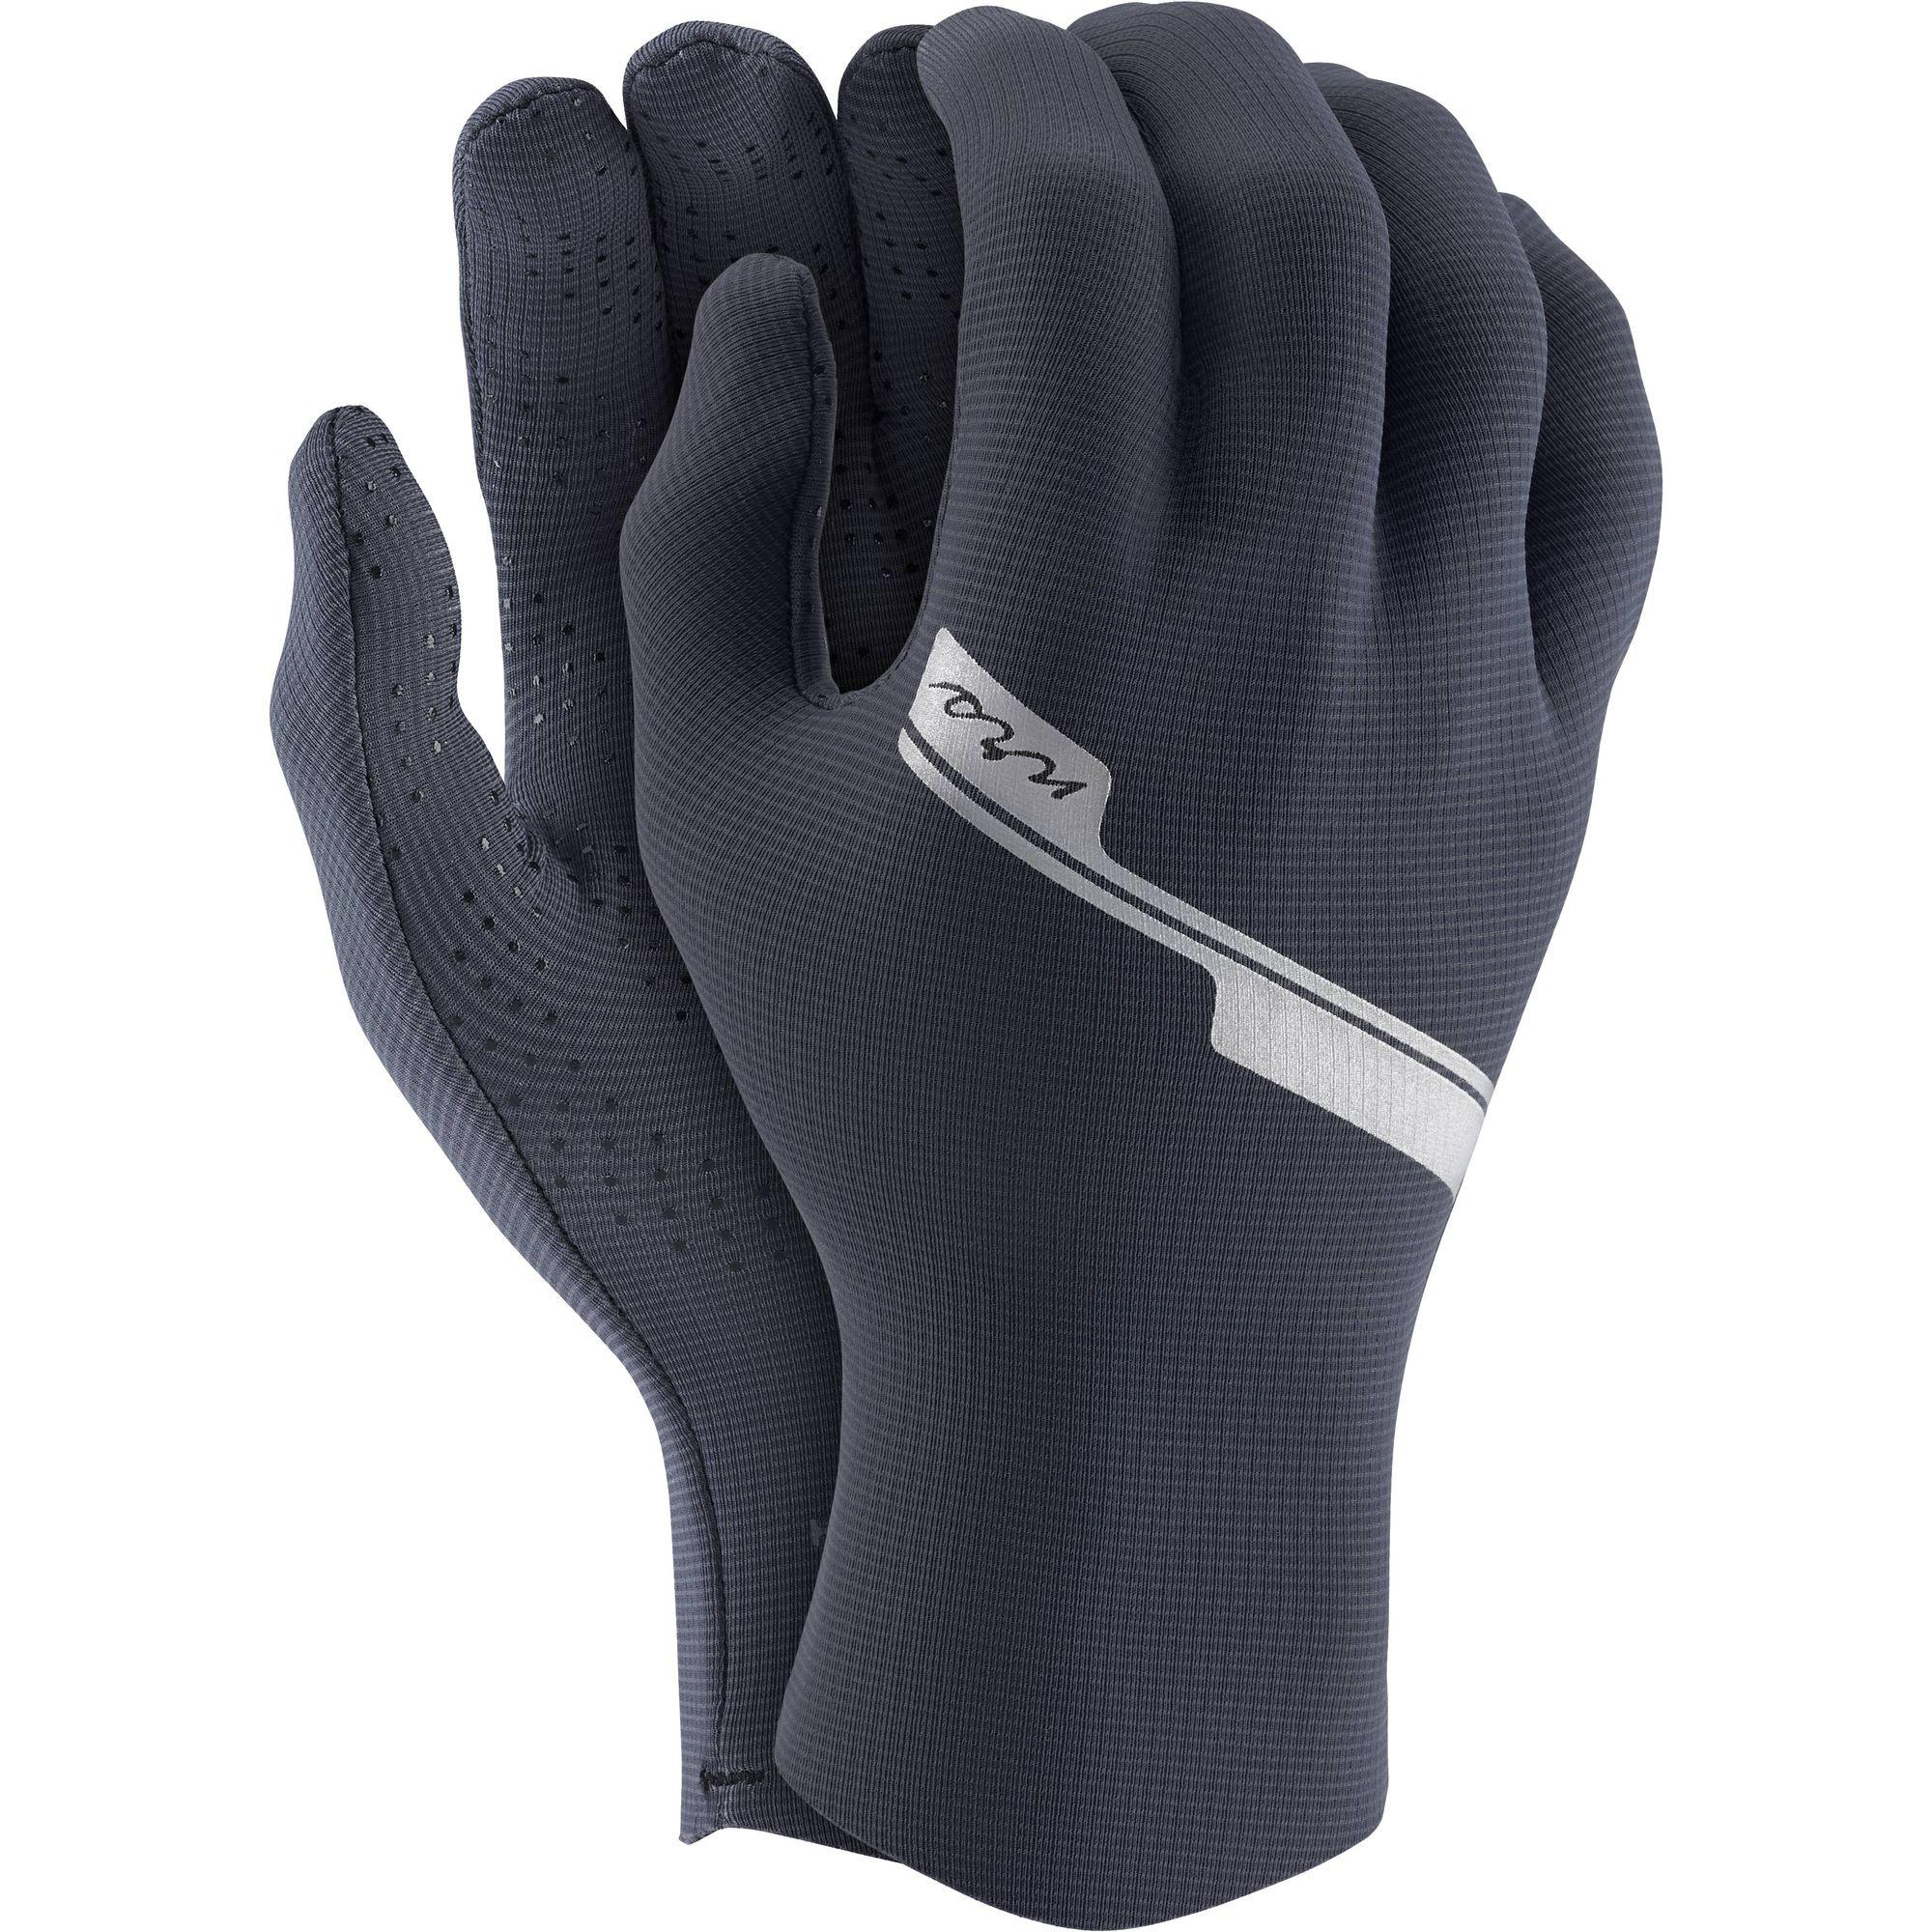 HydroSkin Gloves - Women's